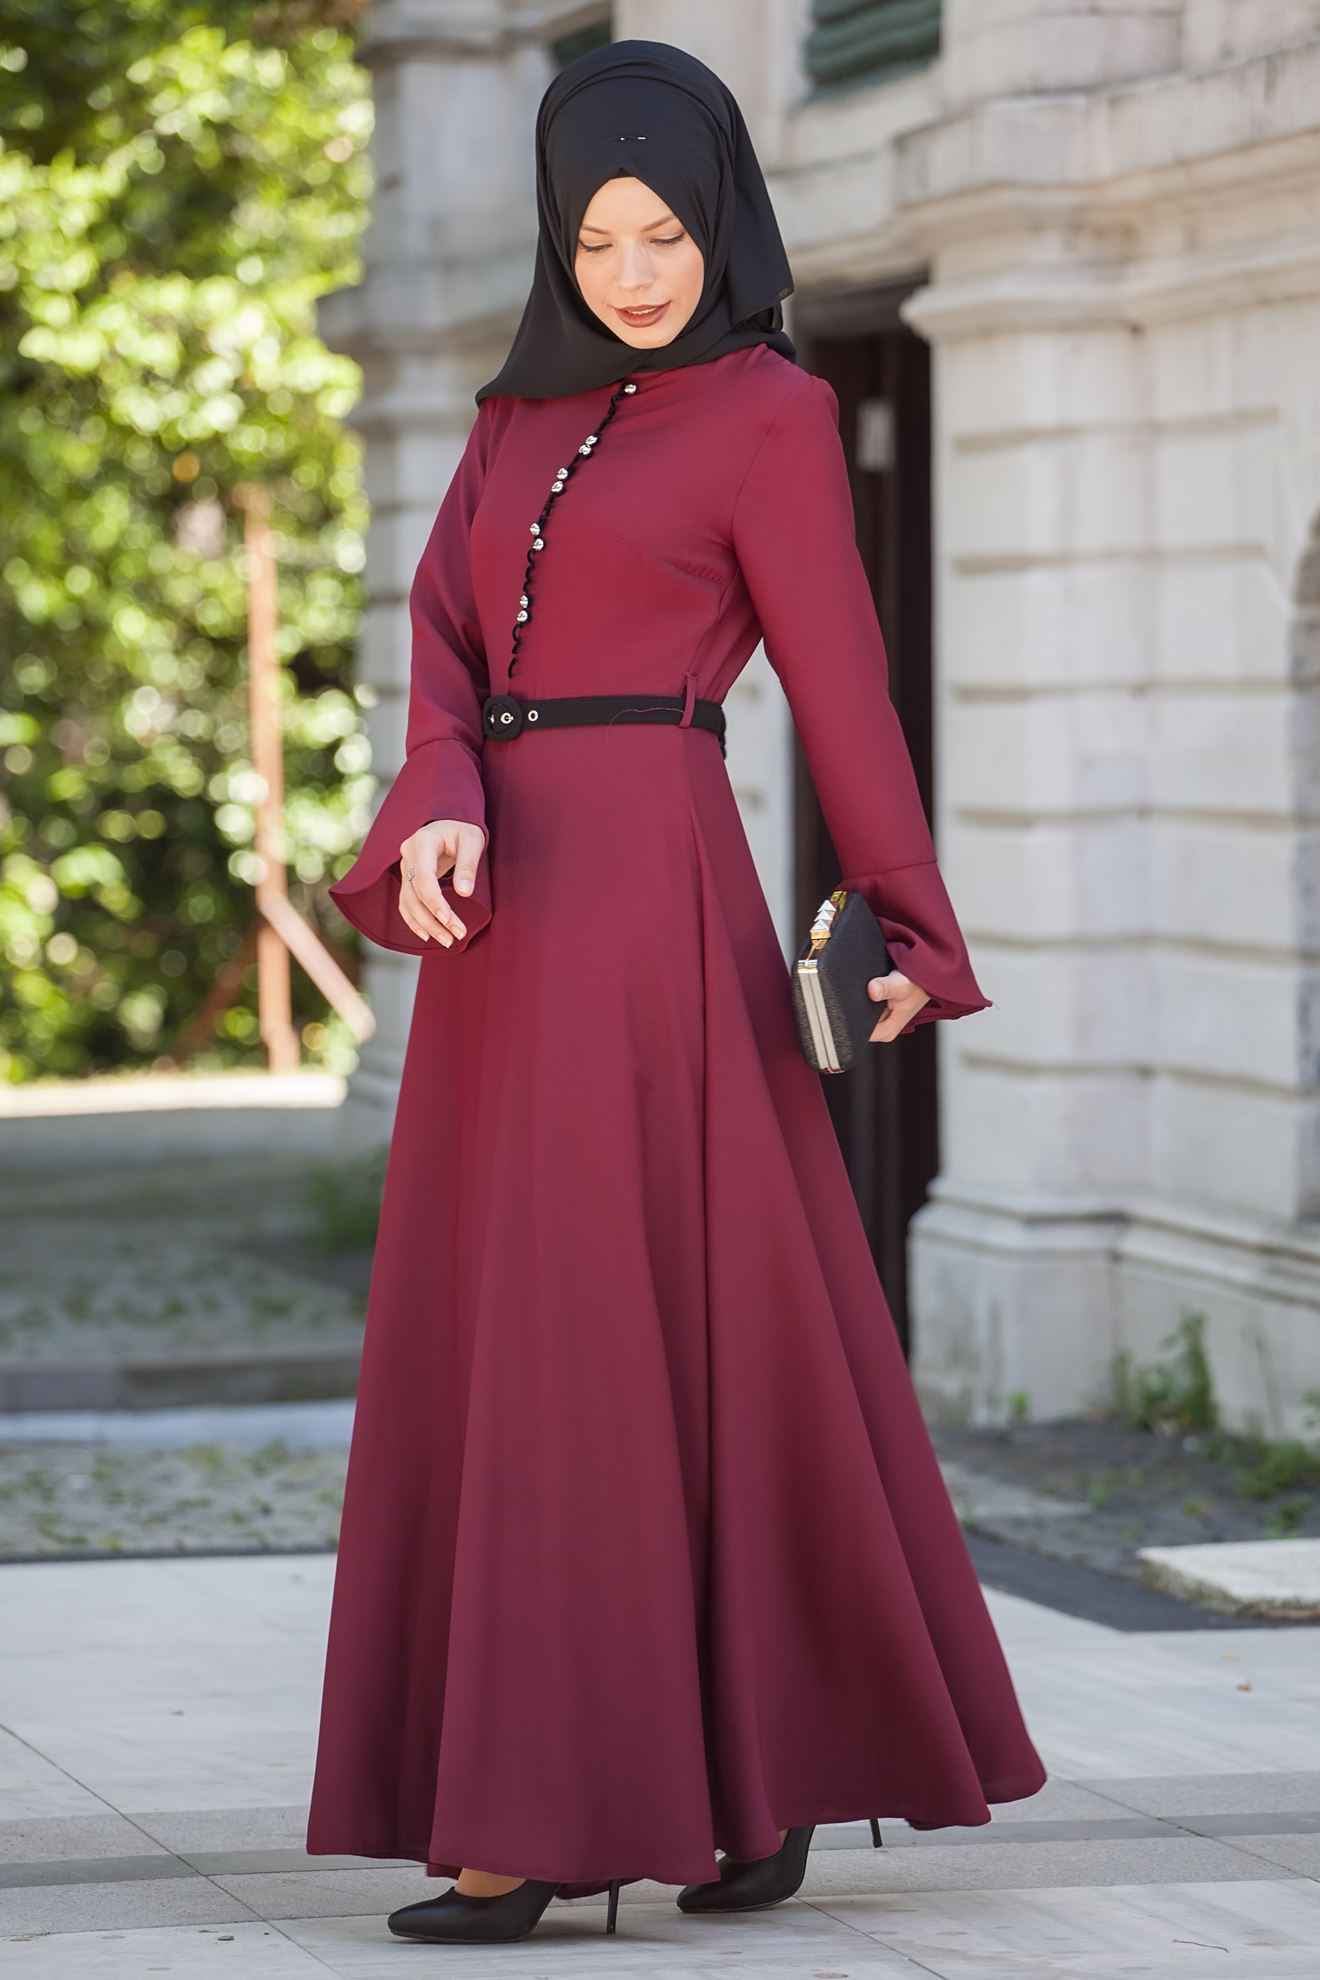 Sedanur Tesettür Bordo Renk Elbise Modası